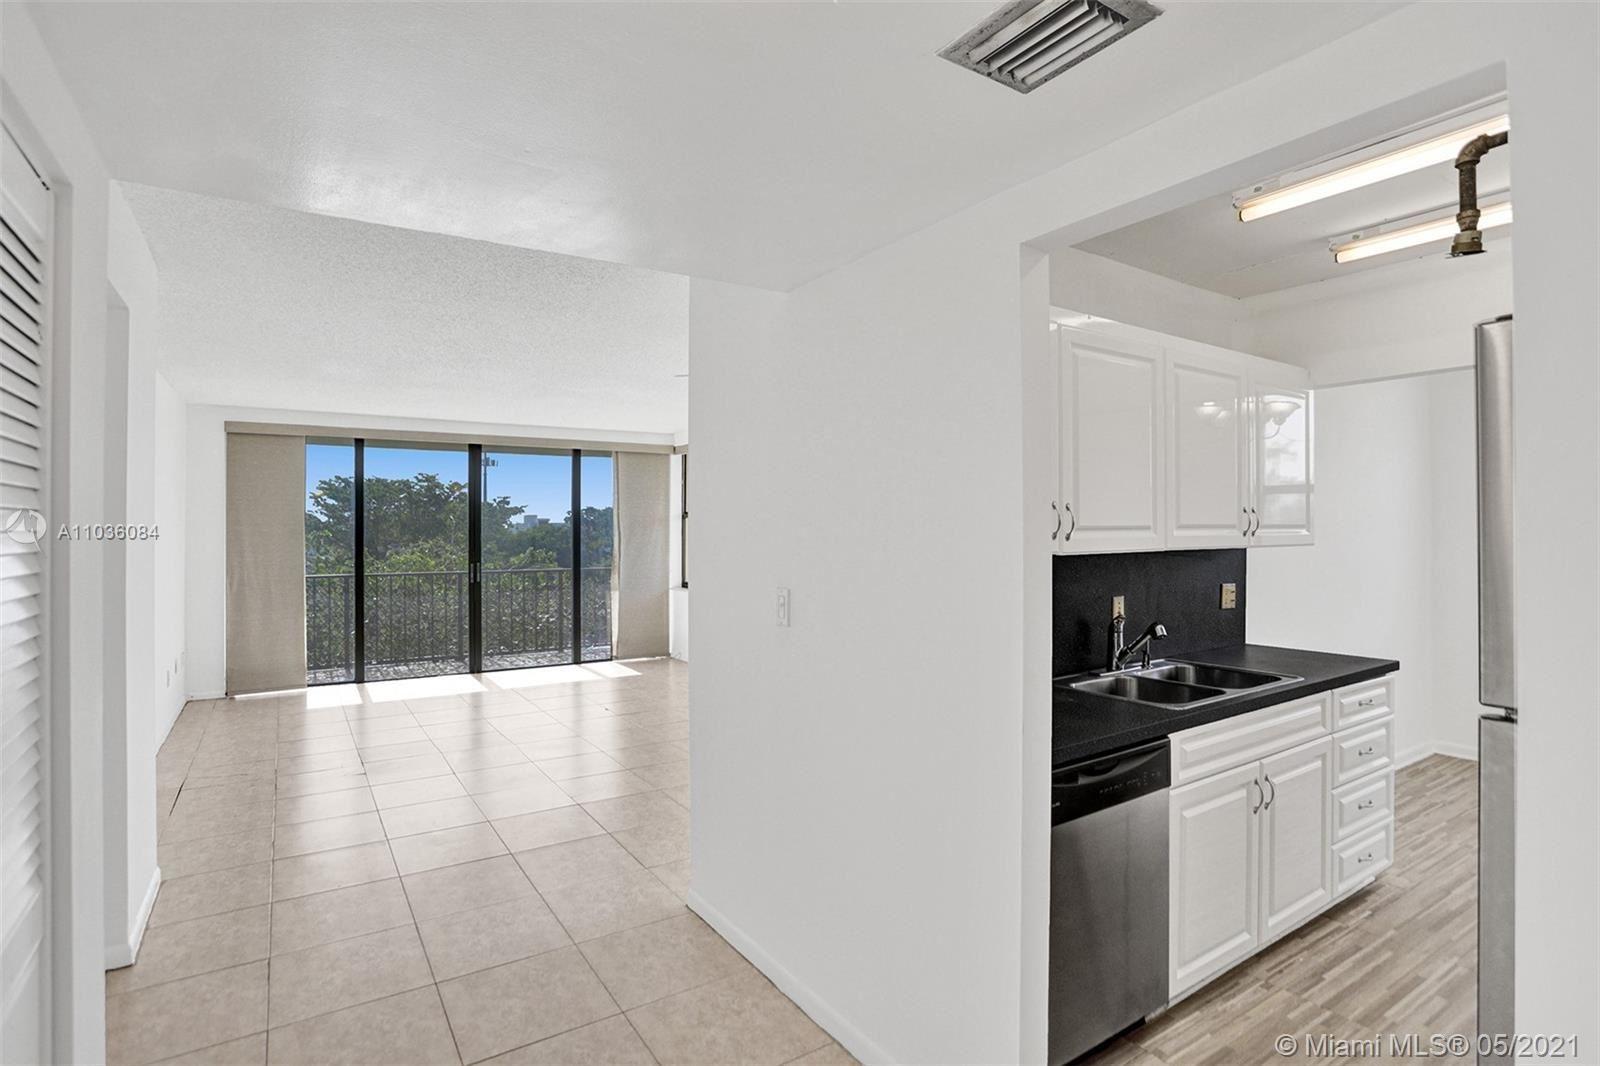 Photo of 1470 NE 123rd St #A516, North Miami, FL 33161 (MLS # A11036084)